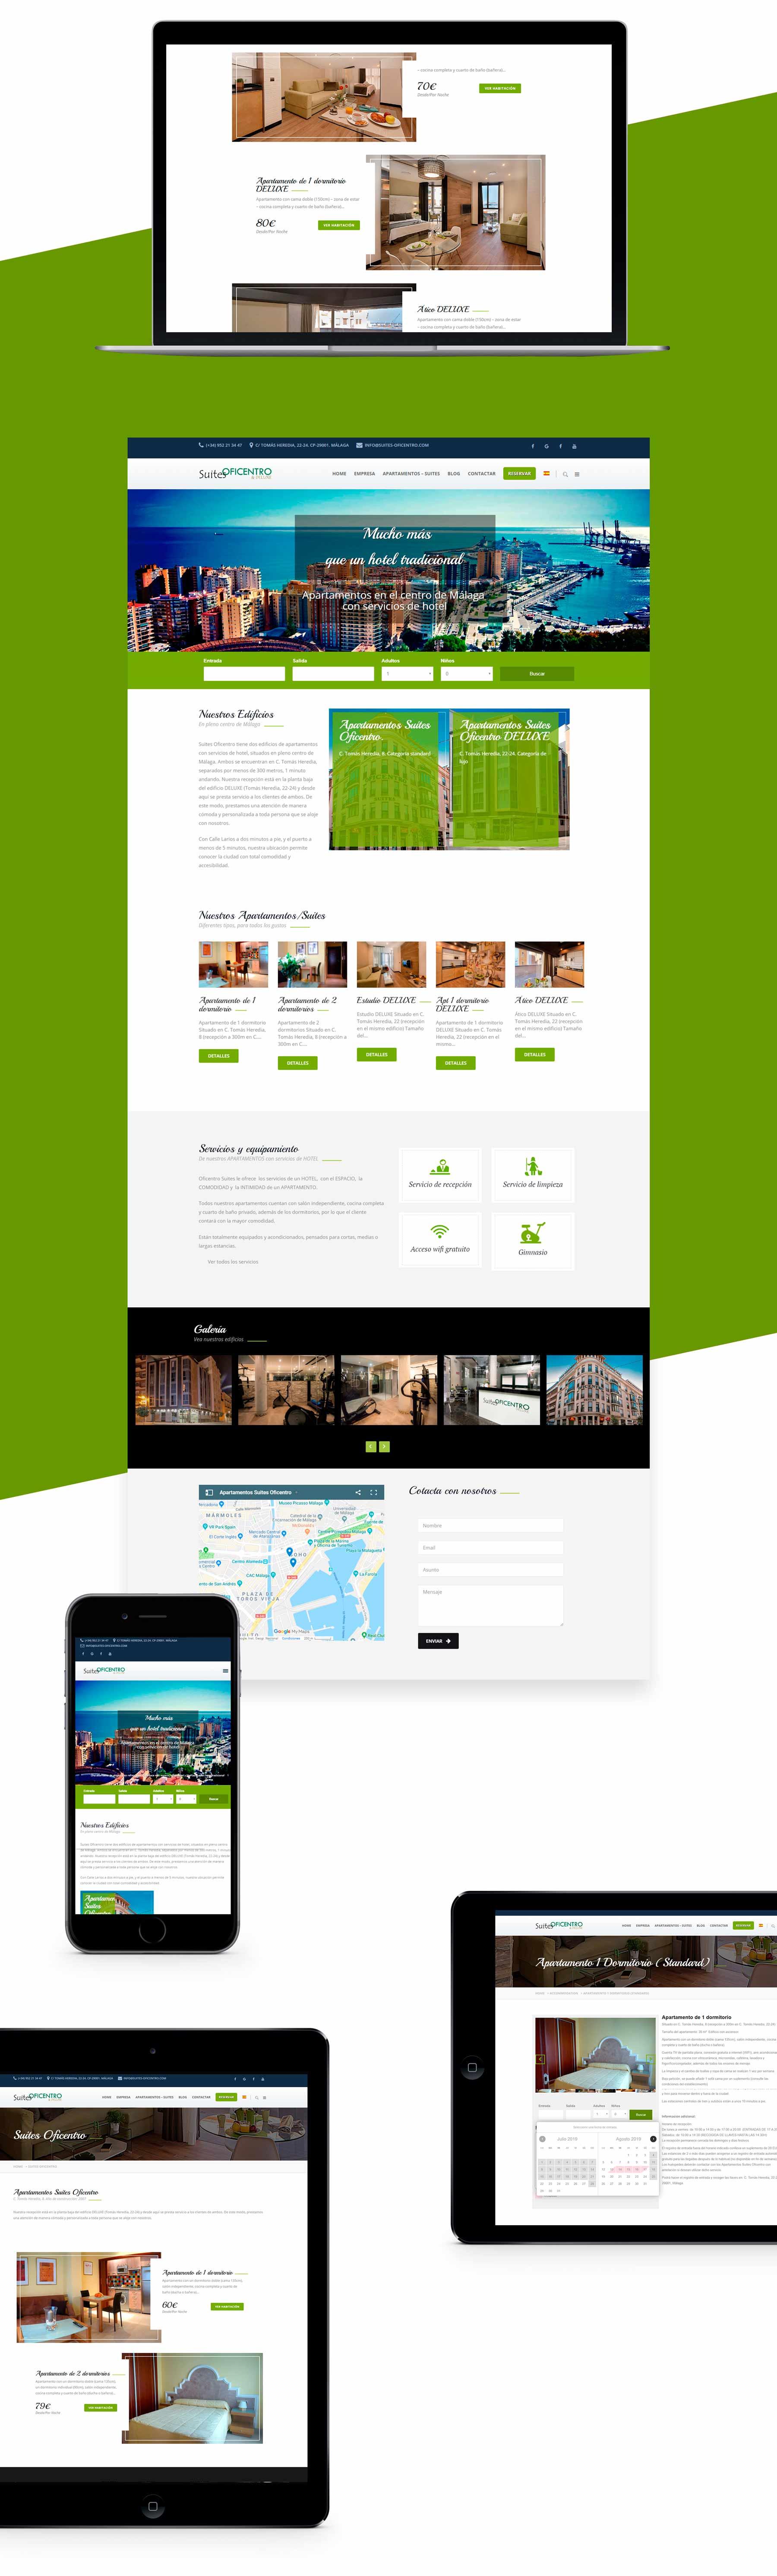 diseño web para hotel de apartamentos suite oficentro - empresa mongini